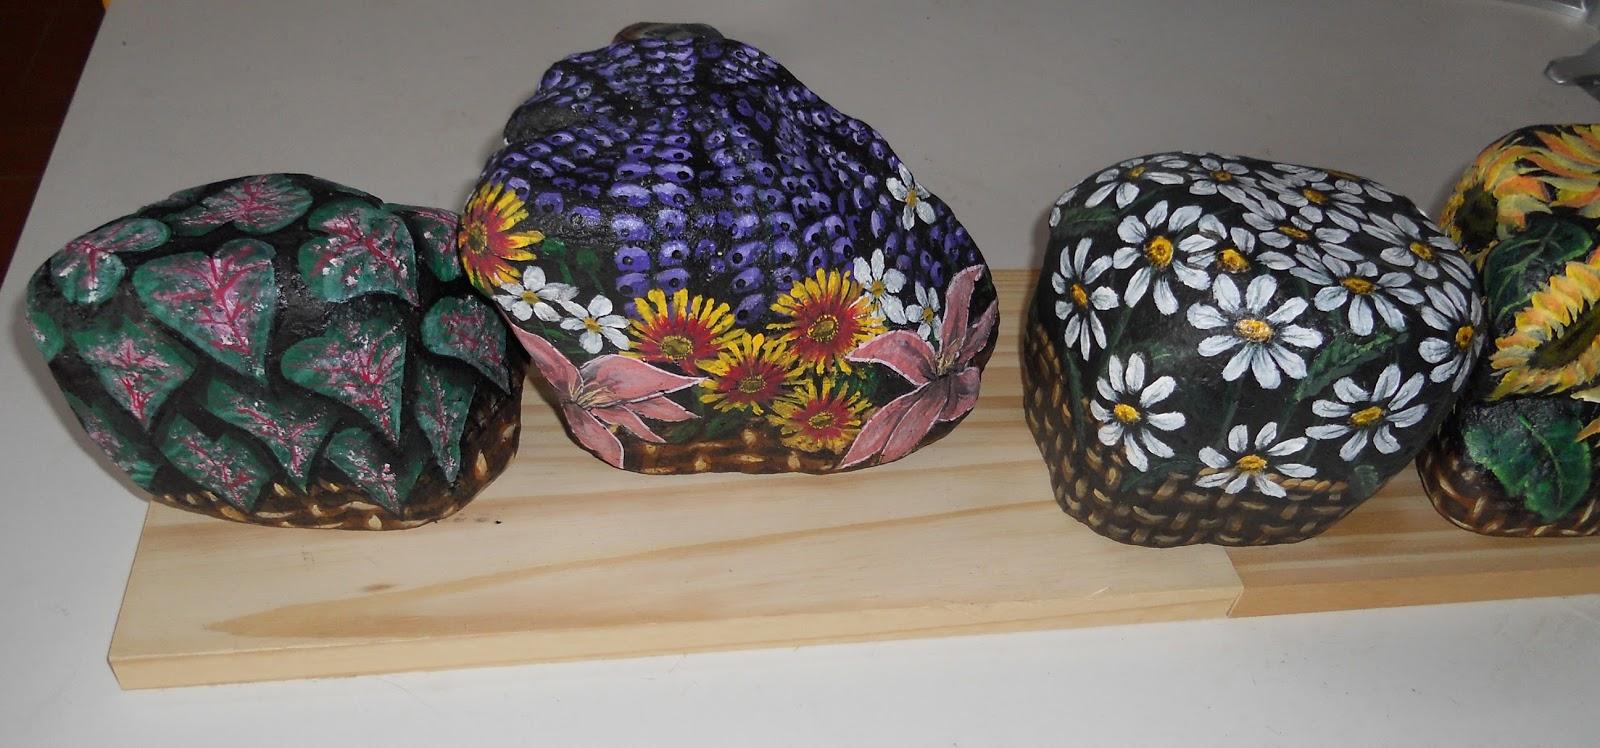 Piedras pintadas a mano piedras pintadas flores for Piedras pintadas a mano paso a paso